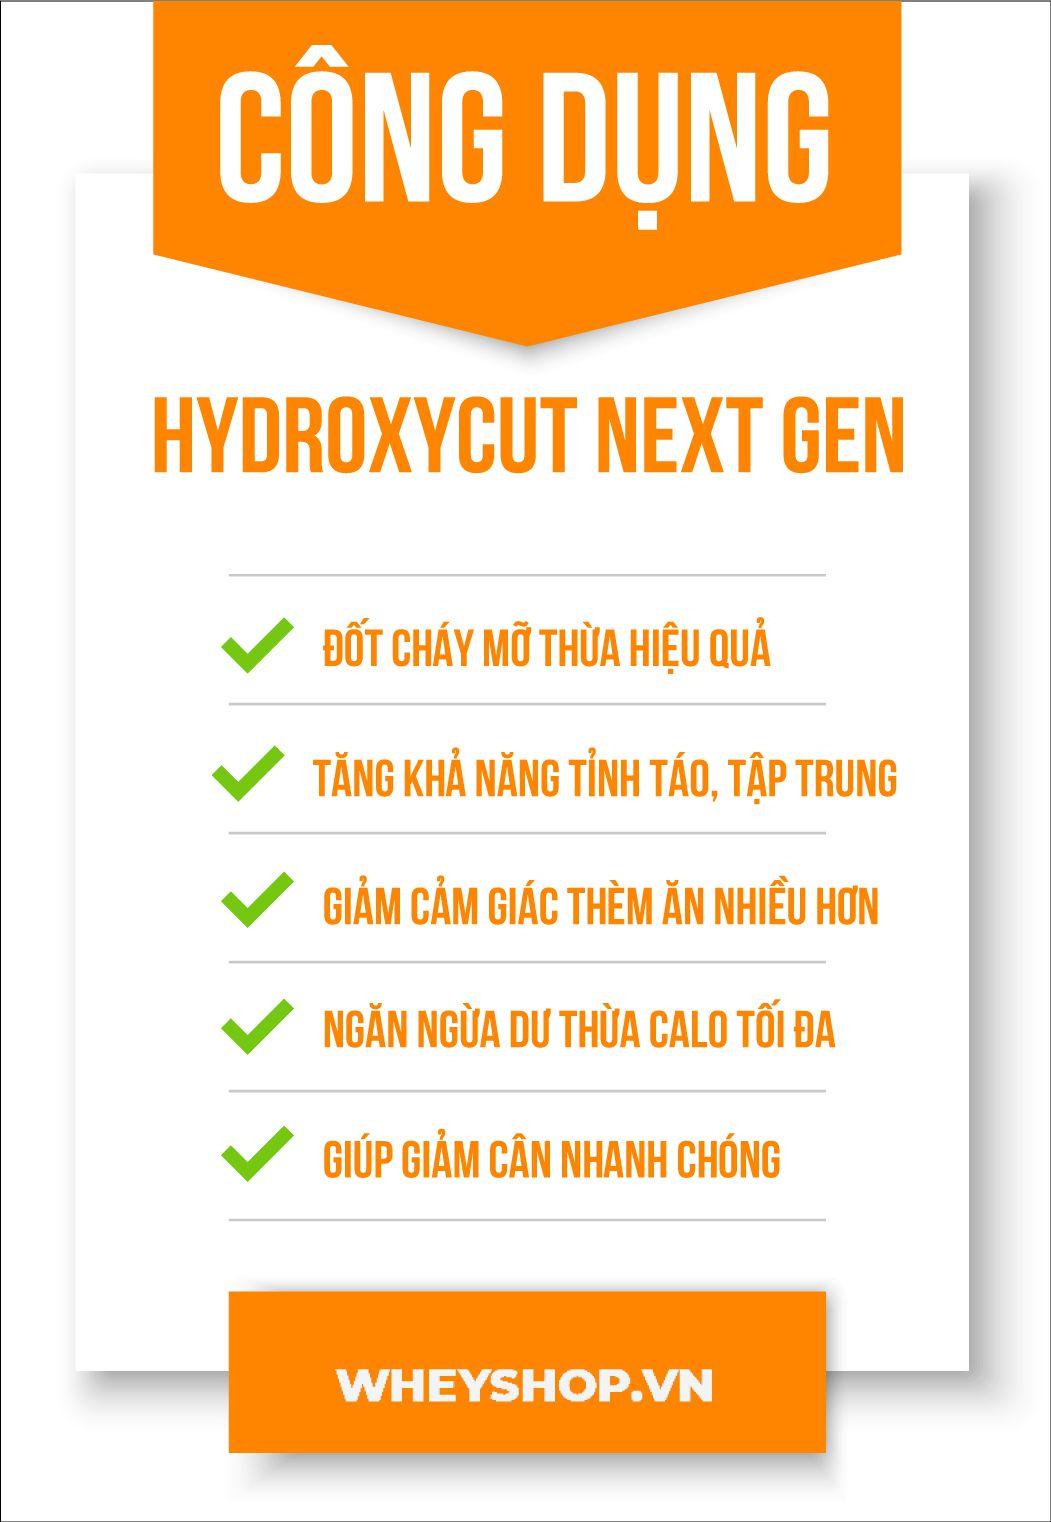 Review đánh giá Hydroxycut Next Gen có tốt không ? Thành phần, lợi ích, tác dụng phụ và cách sử dụng Hydroxycut Next gen hiệu quả